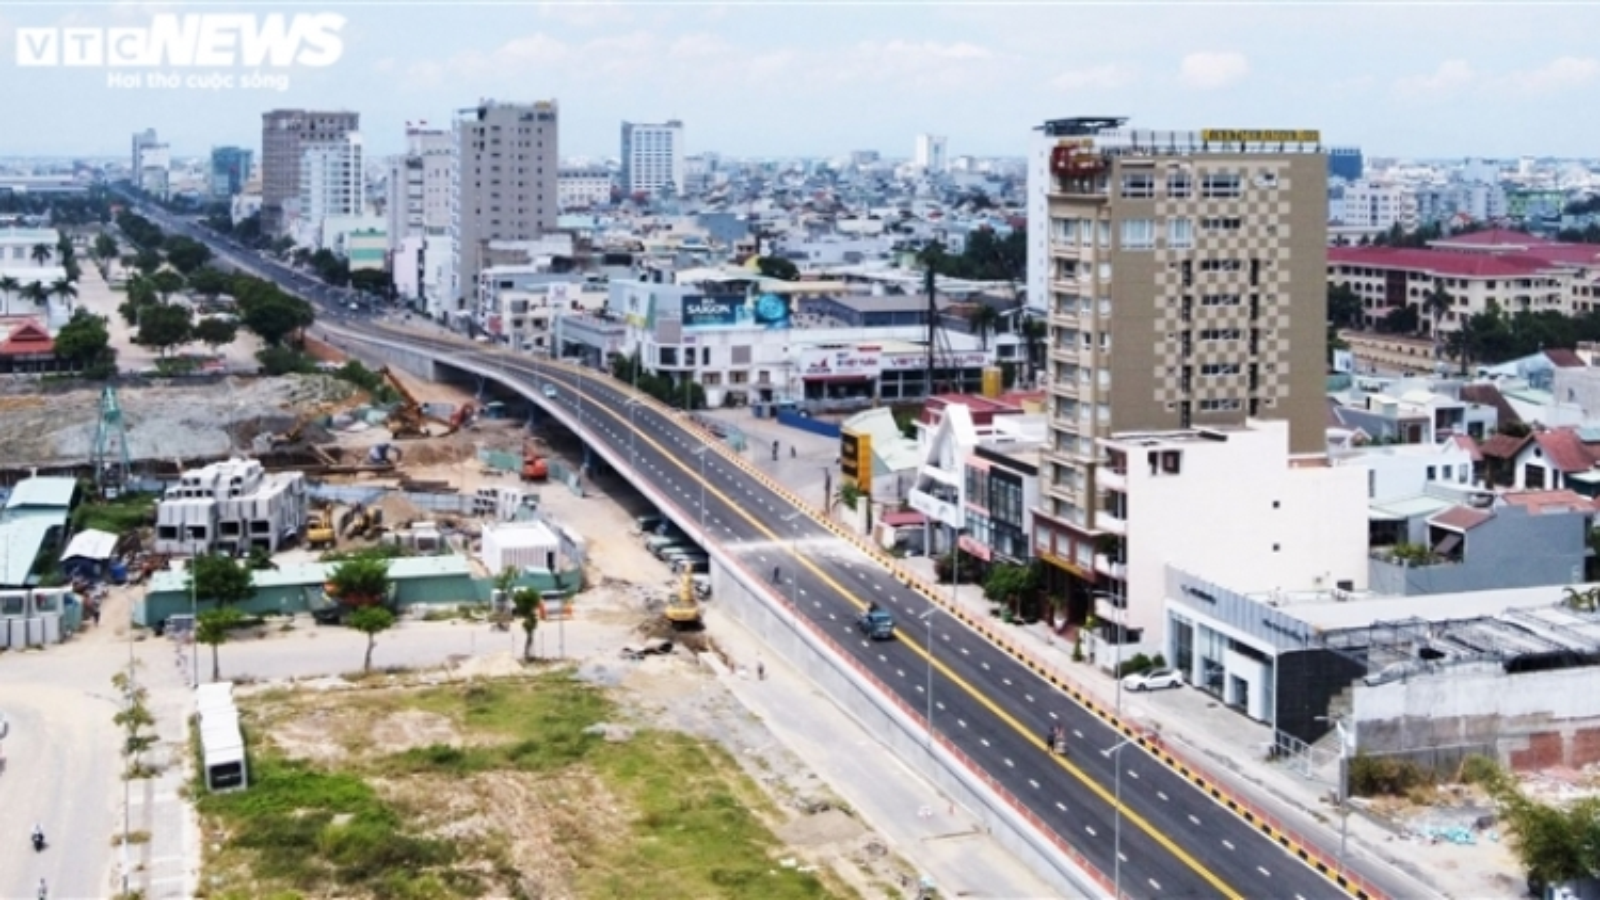 Ảnh: Cận cảnh cầu vượt nút giao thông 3 tầng hơn 723 tỷ đồng ở Đà Nẵng